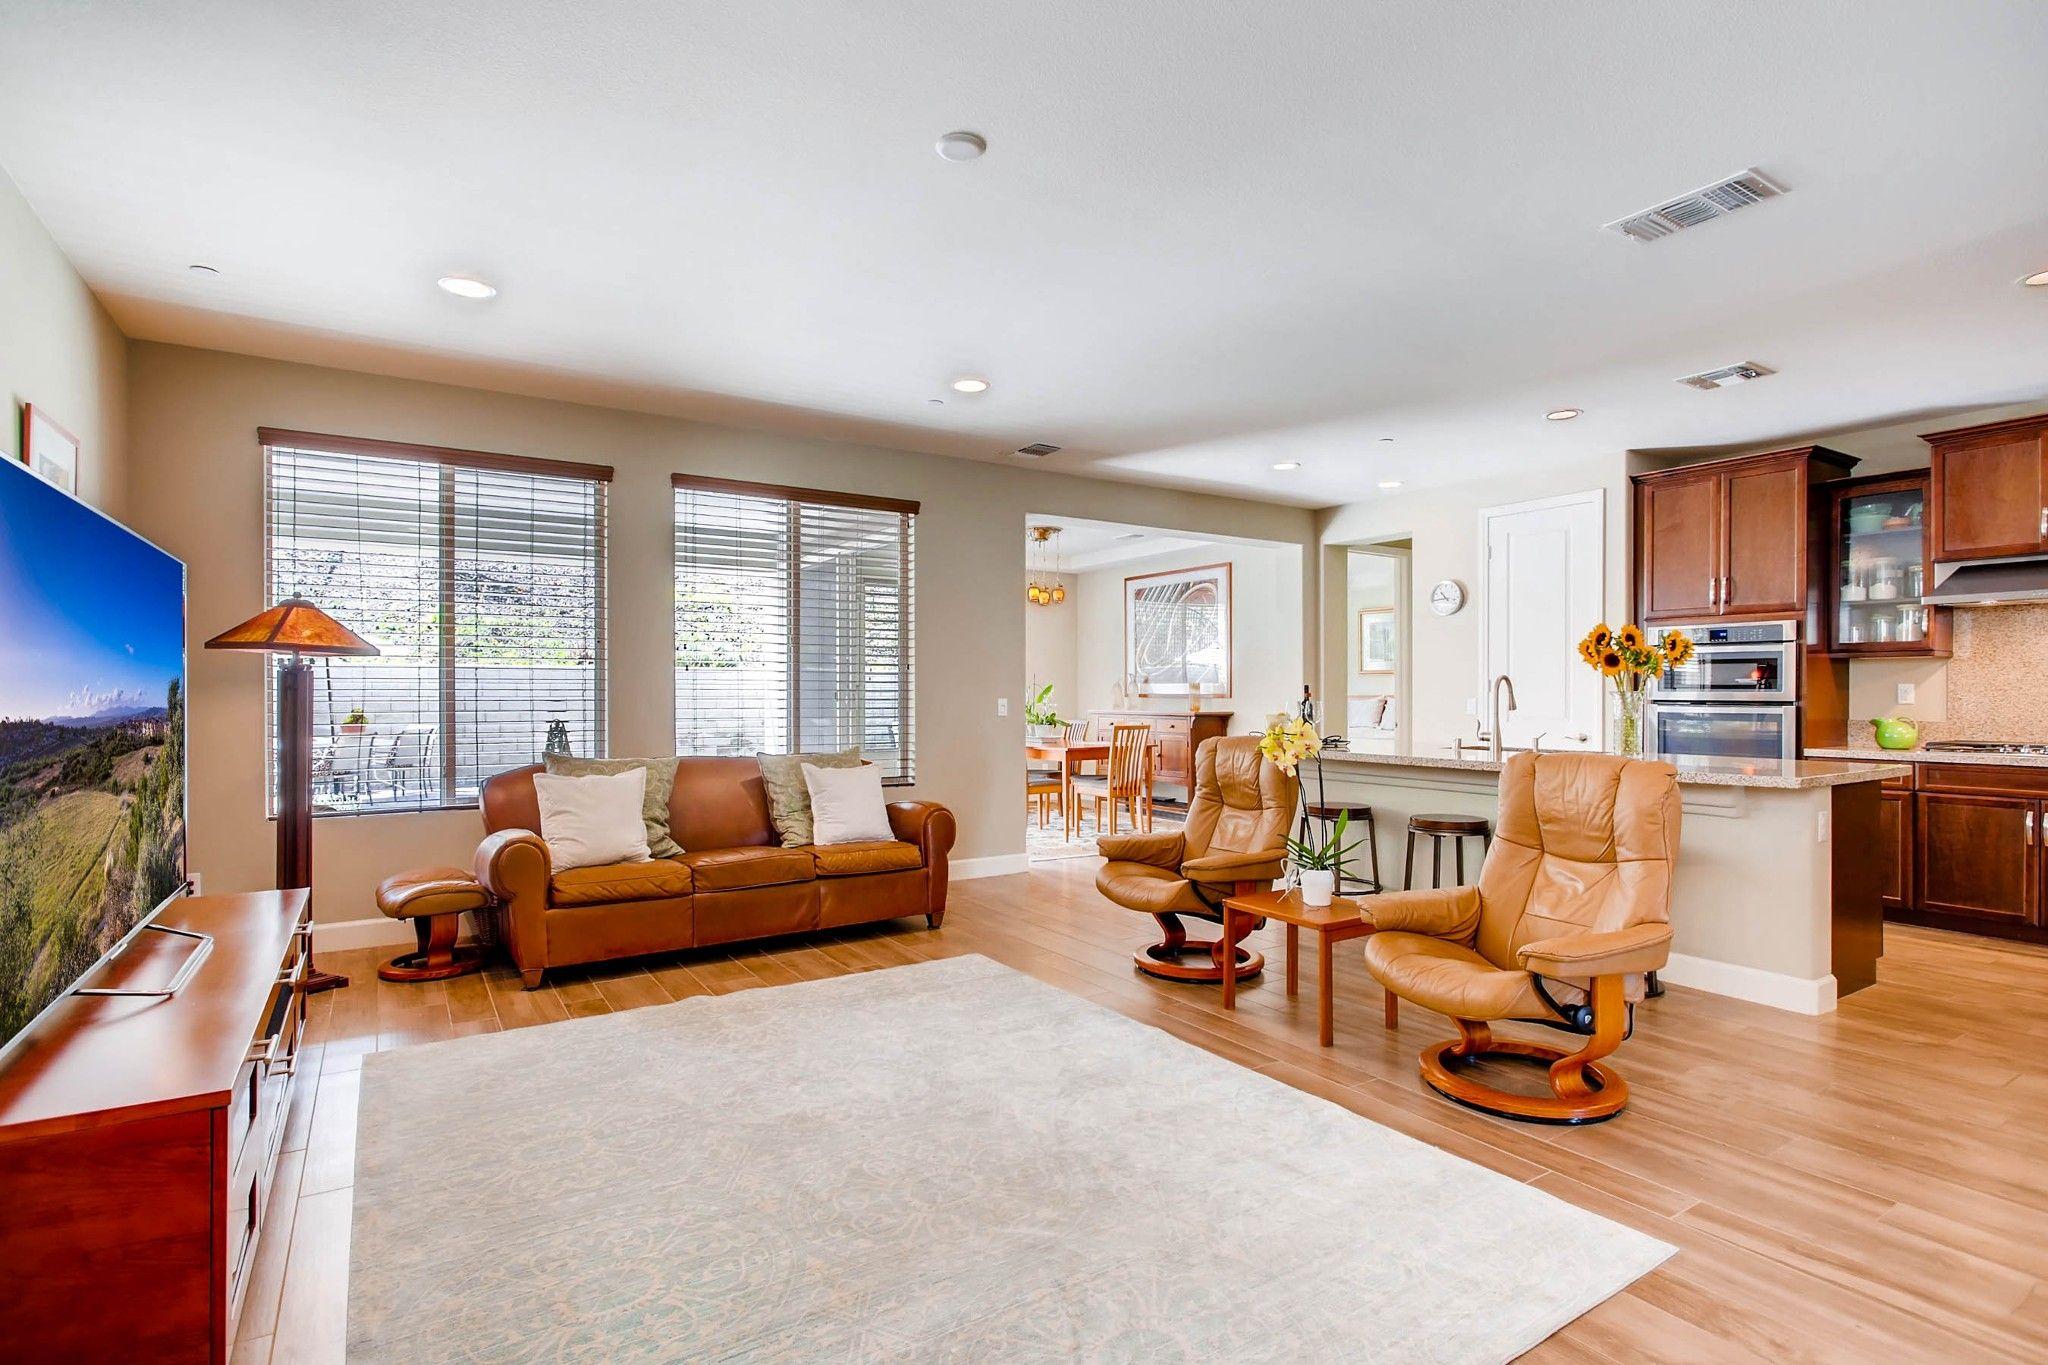 Photo 4: Photos: Residential for sale : 5 bedrooms : 443 Machado Way in Vista